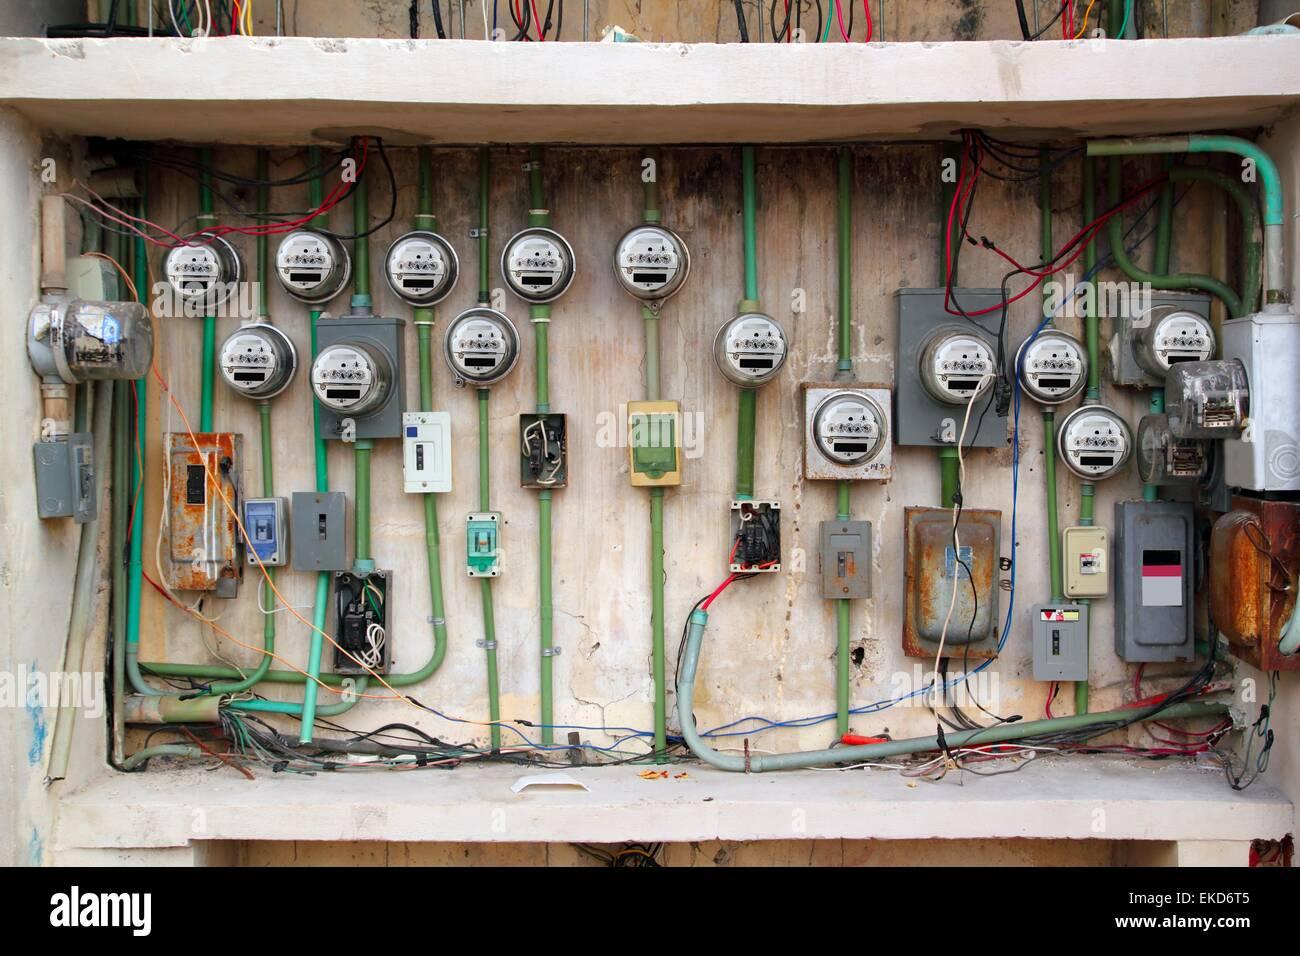 Gemütlich Grundlegende Elektrische Hausverkabelung Galerie - Der ...